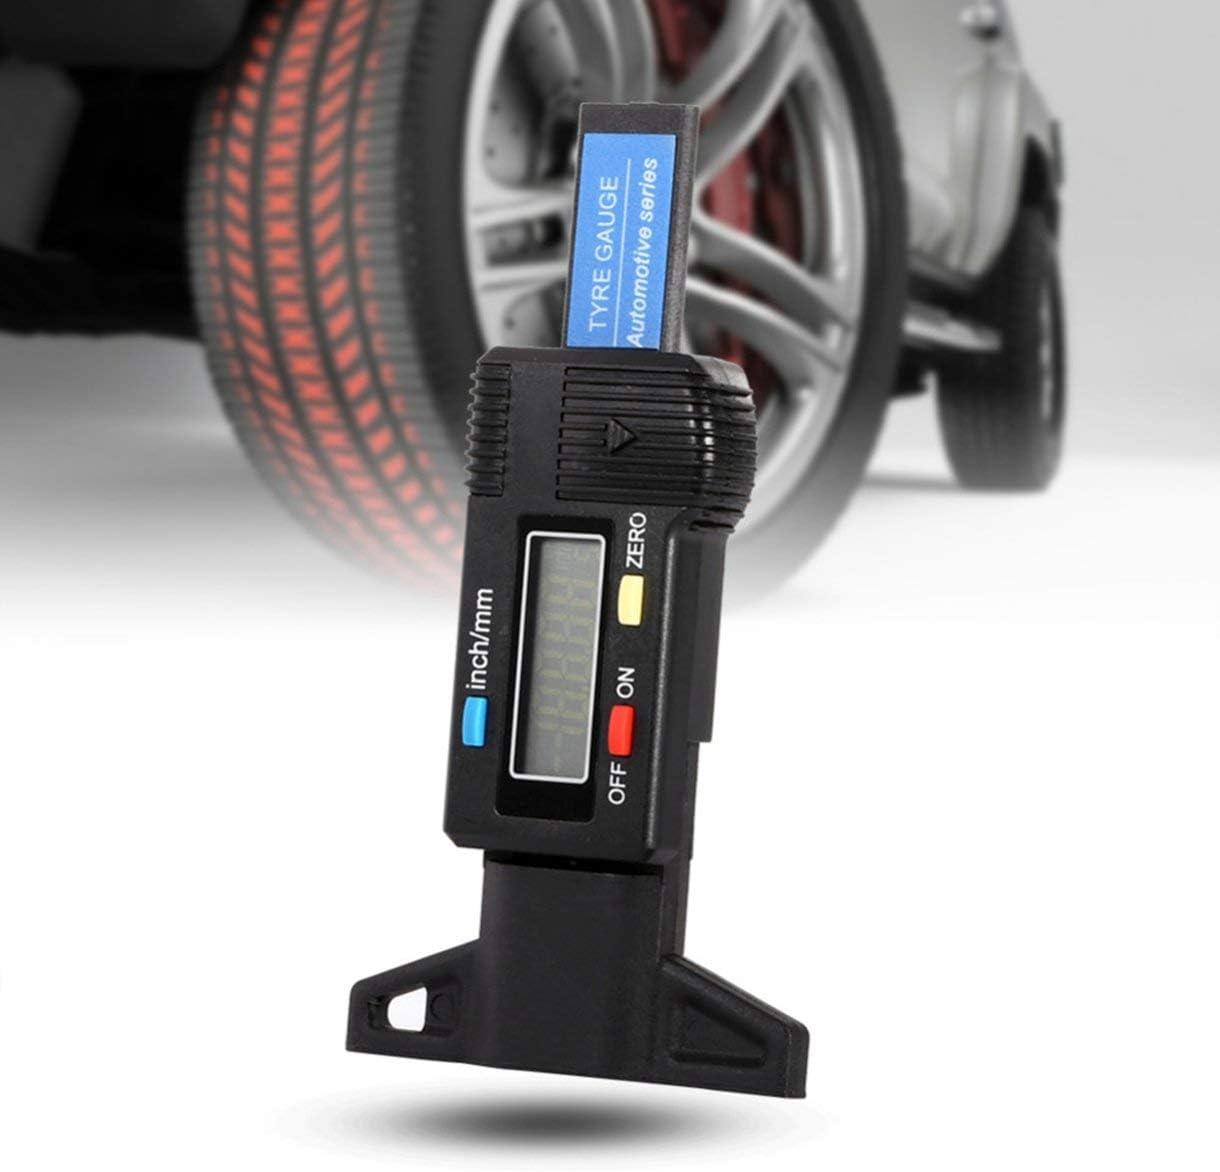 Farbe: schwarz 0-25.4mm 0,01 Digitales Profiltiefenmesser Elektronisches LCD-Reifen Reifen-Rad-Profiltiefenmessger/ät Bremsmesswerkzeuge